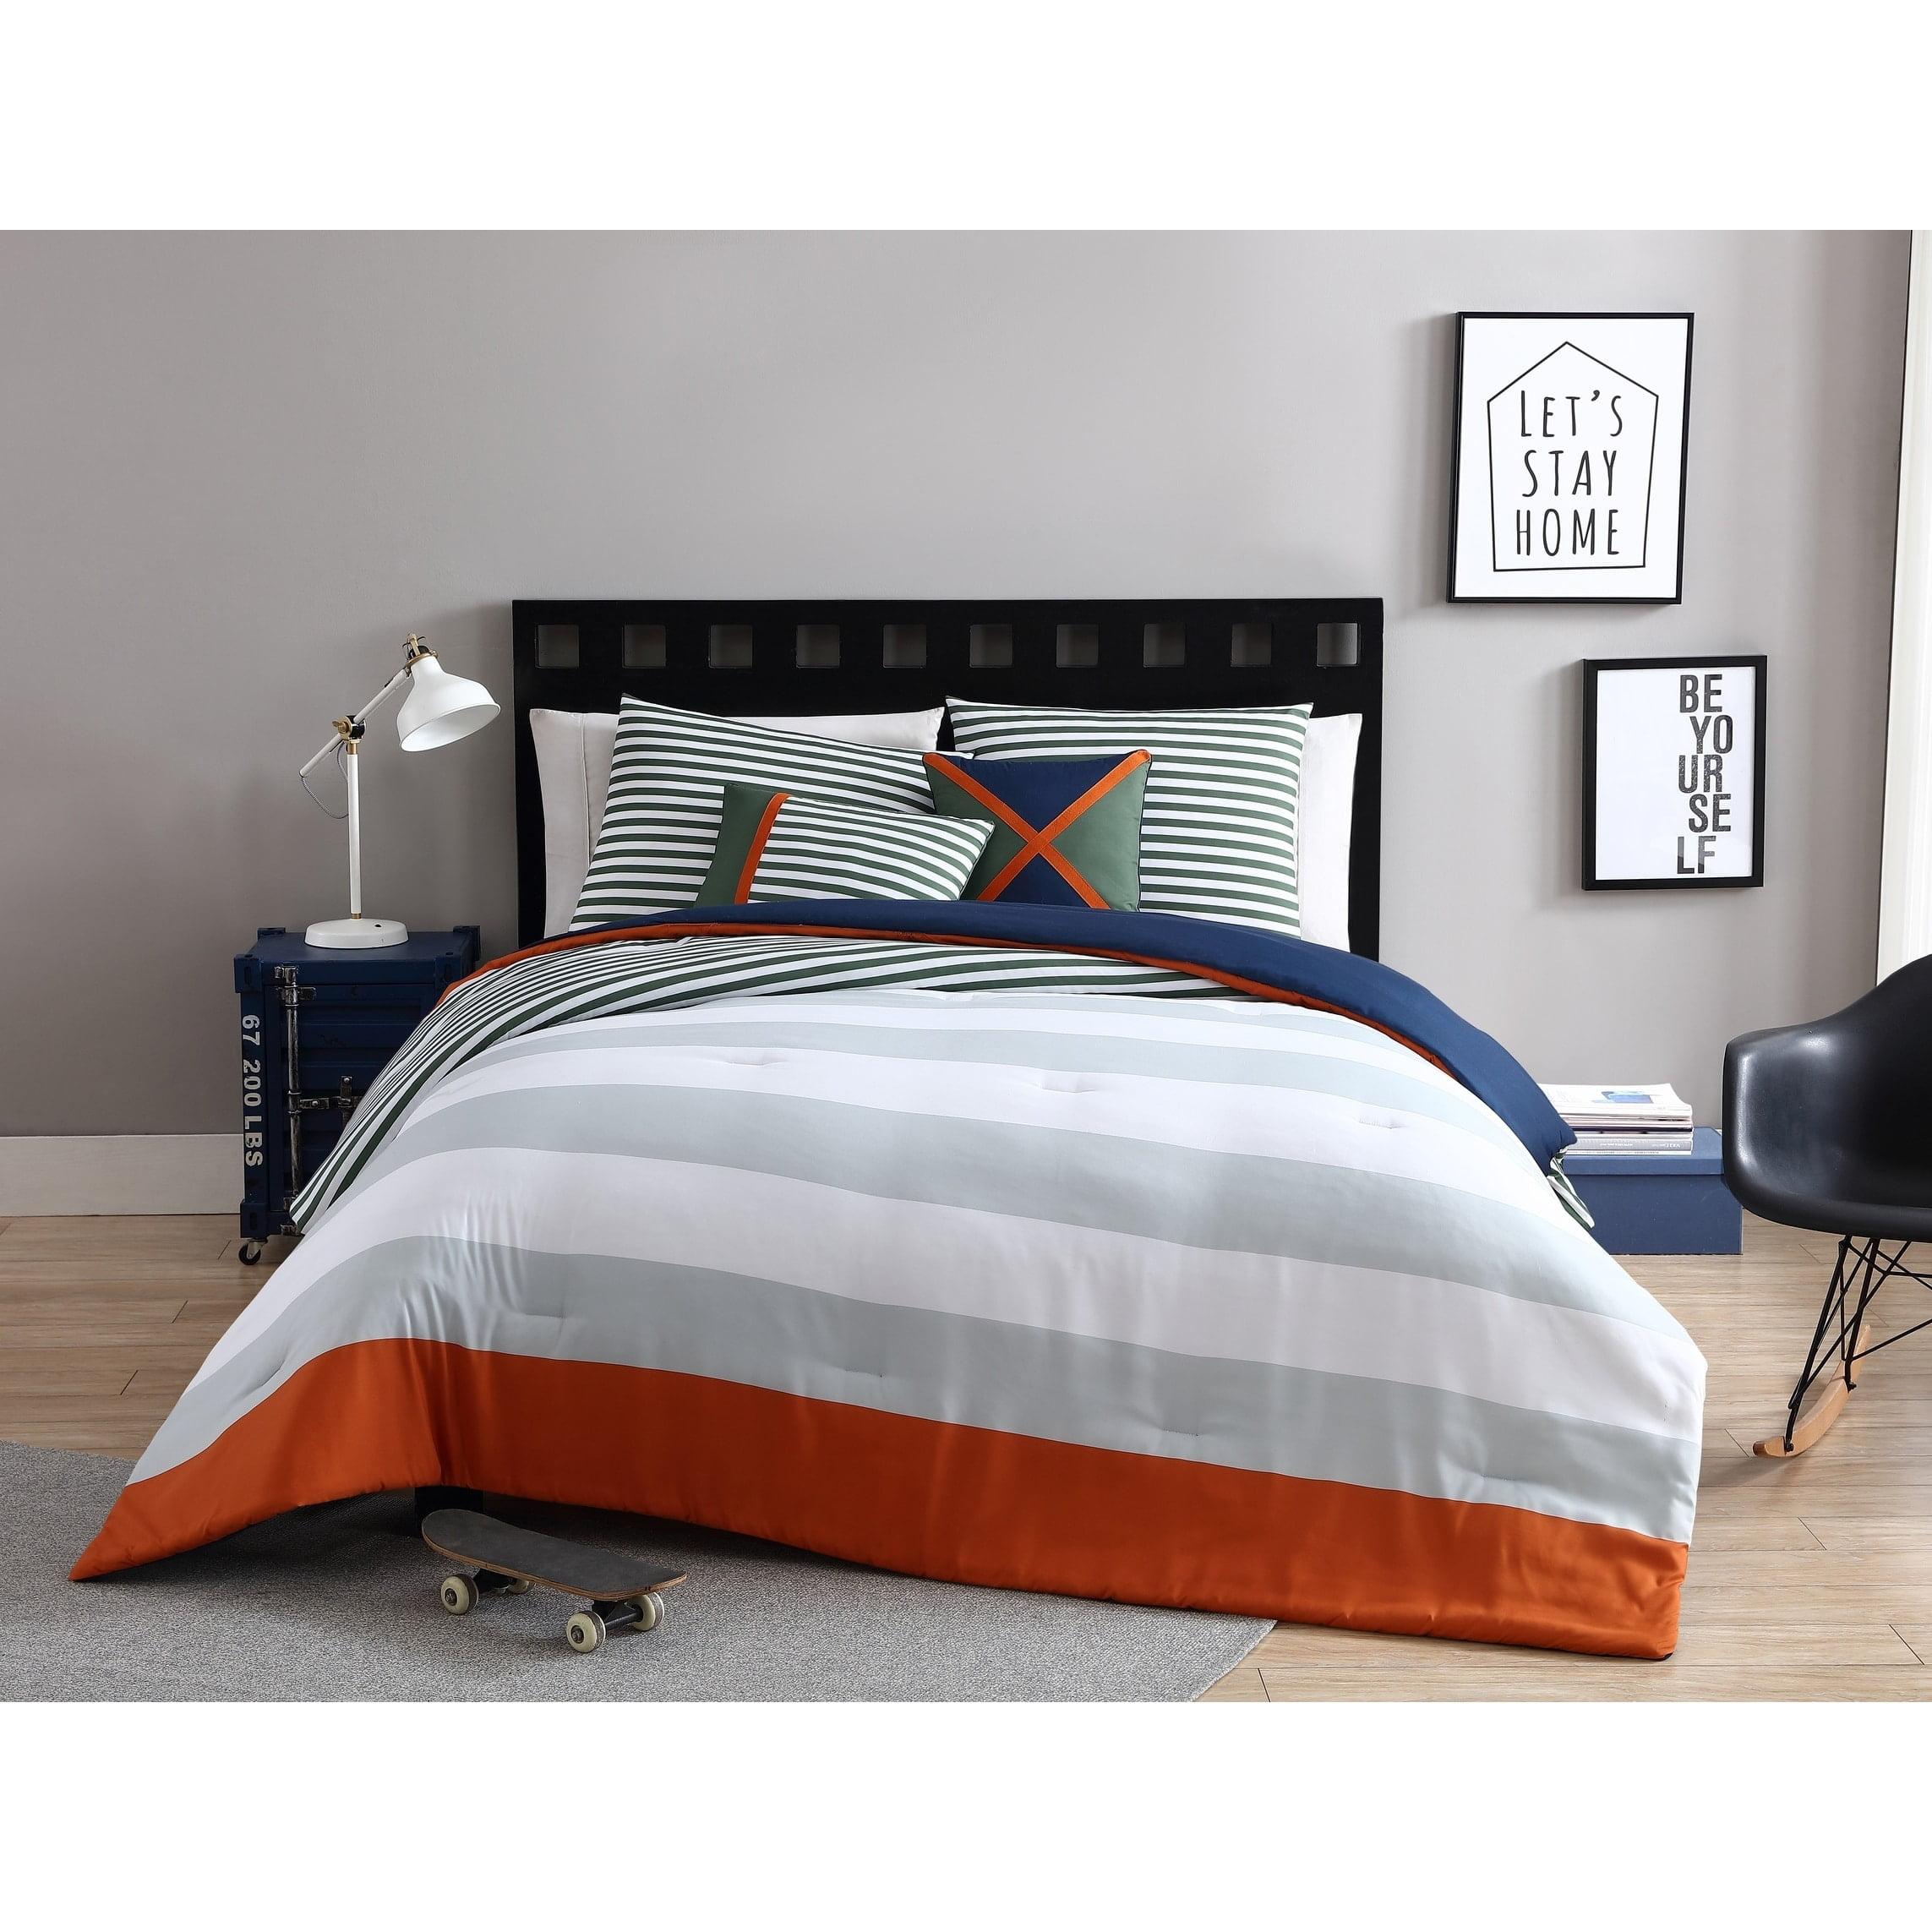 Shams /& Toss Pillow 4P Bedding Gray /& Orange Stripe Boys Full Queen Comforter